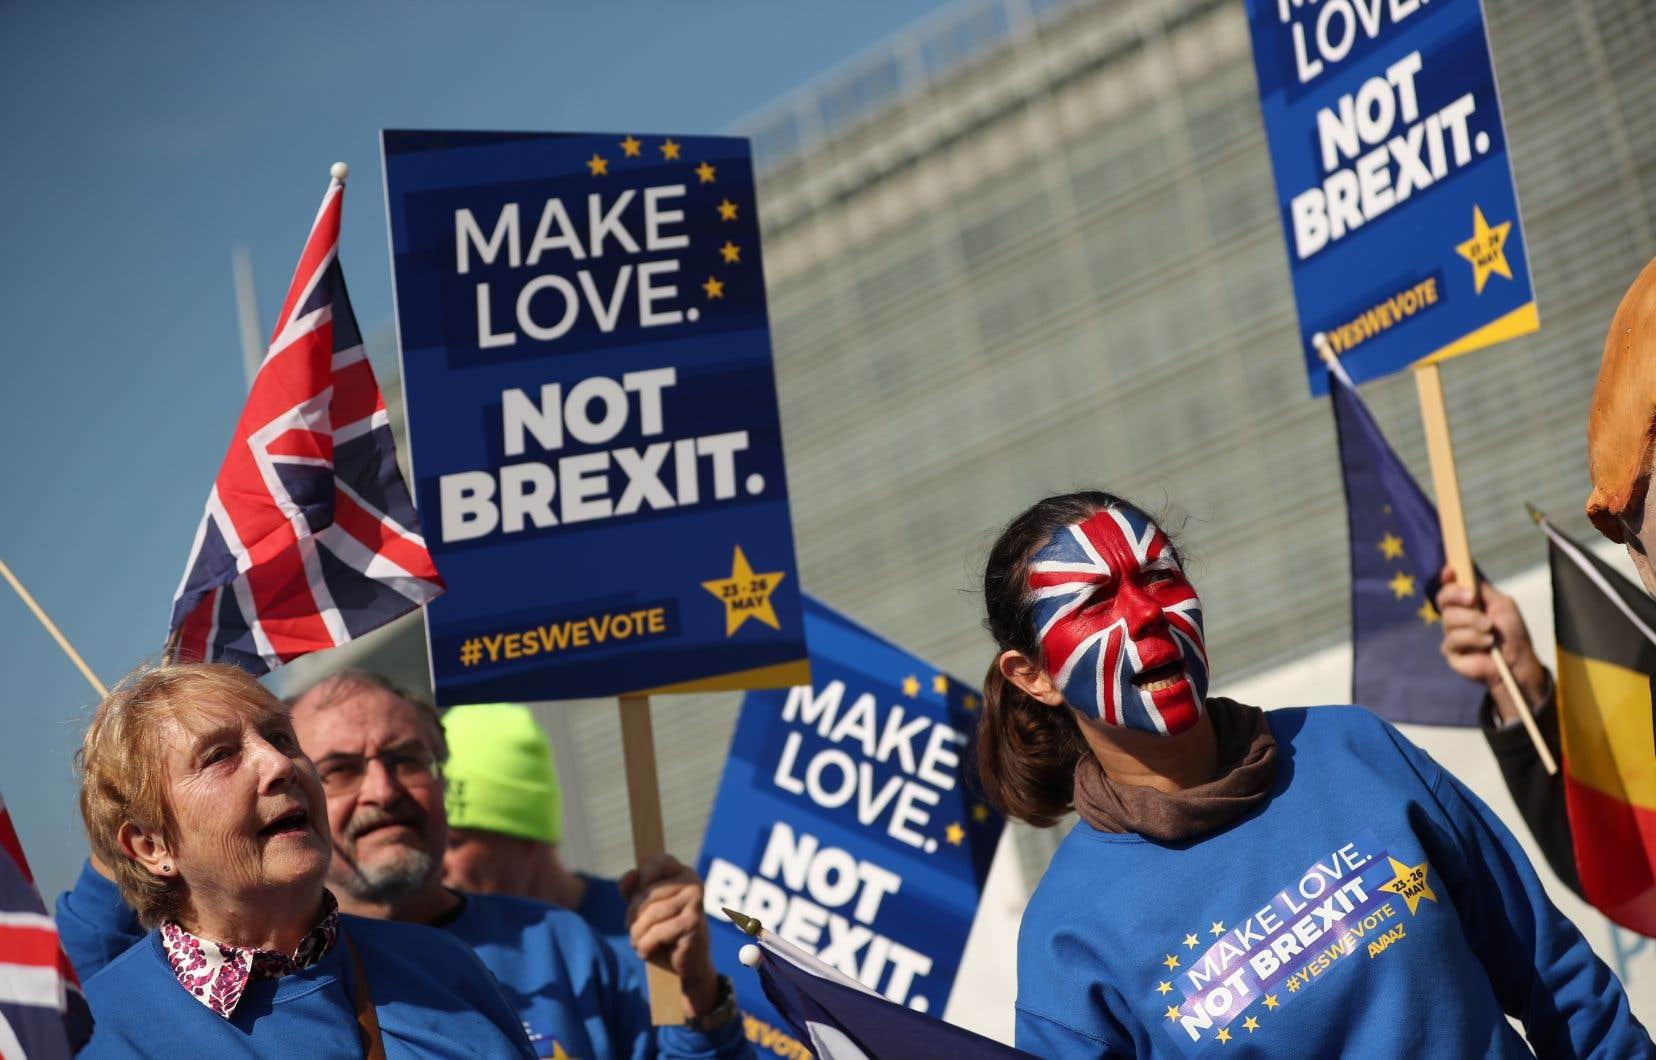 La division des Britanniques est encore très forte face au Brexit, qu'une majorité de 52 % a approuvé en juin 2016 par voie référendaire.